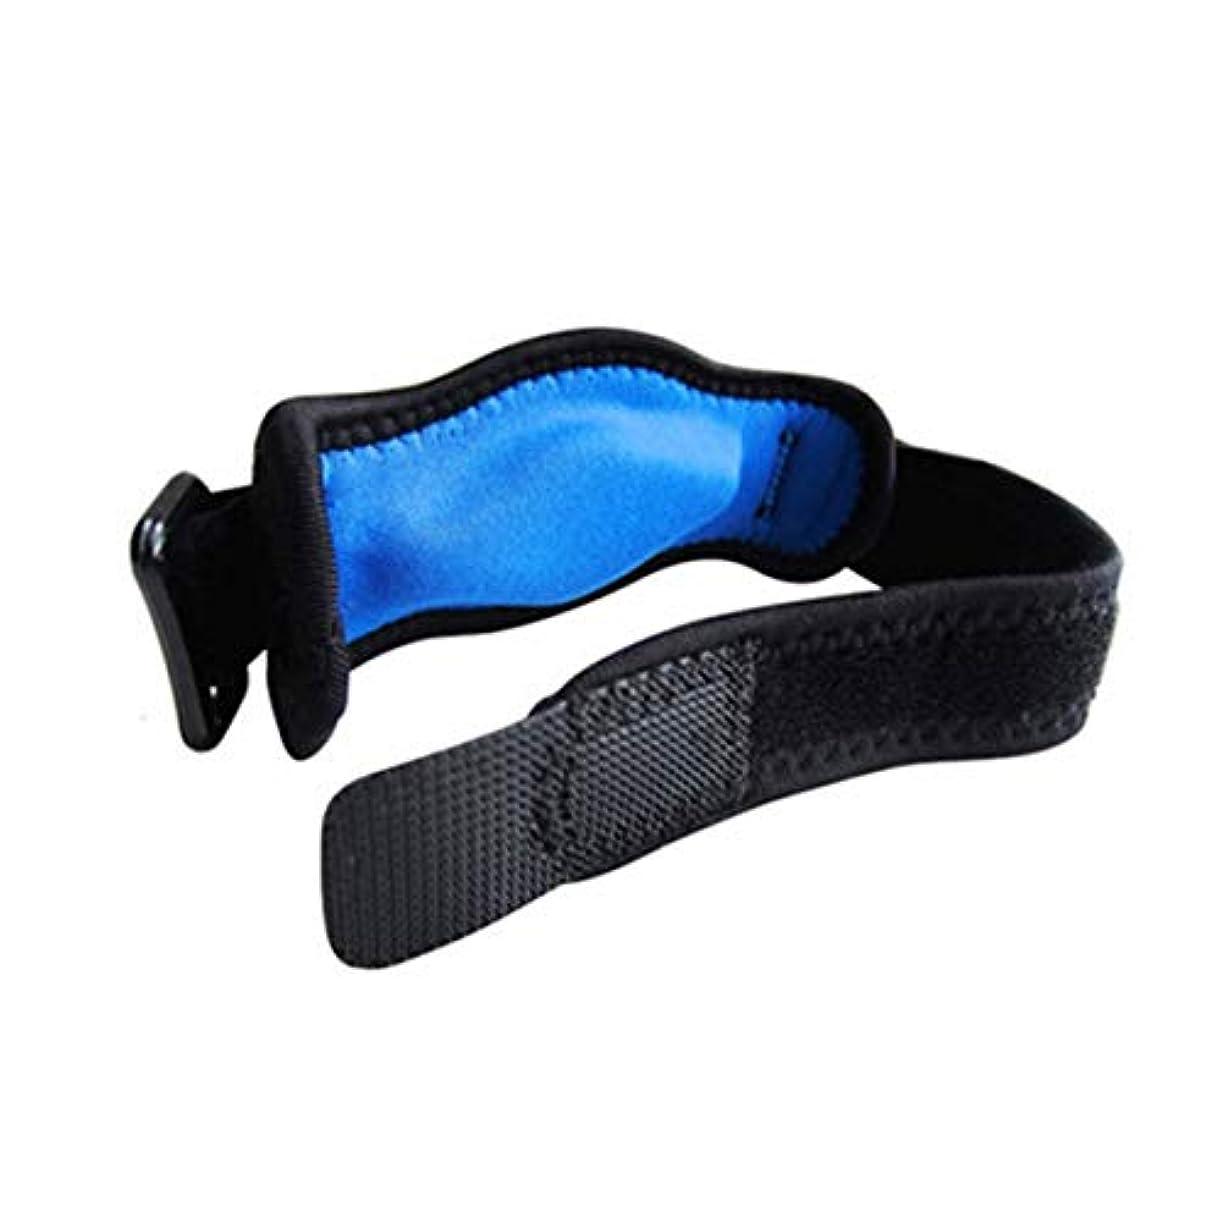 リゾート土砂降り困難調節可能なテニス肘サポートストラップブレースゴルフ前腕痛み緩和 - 黒